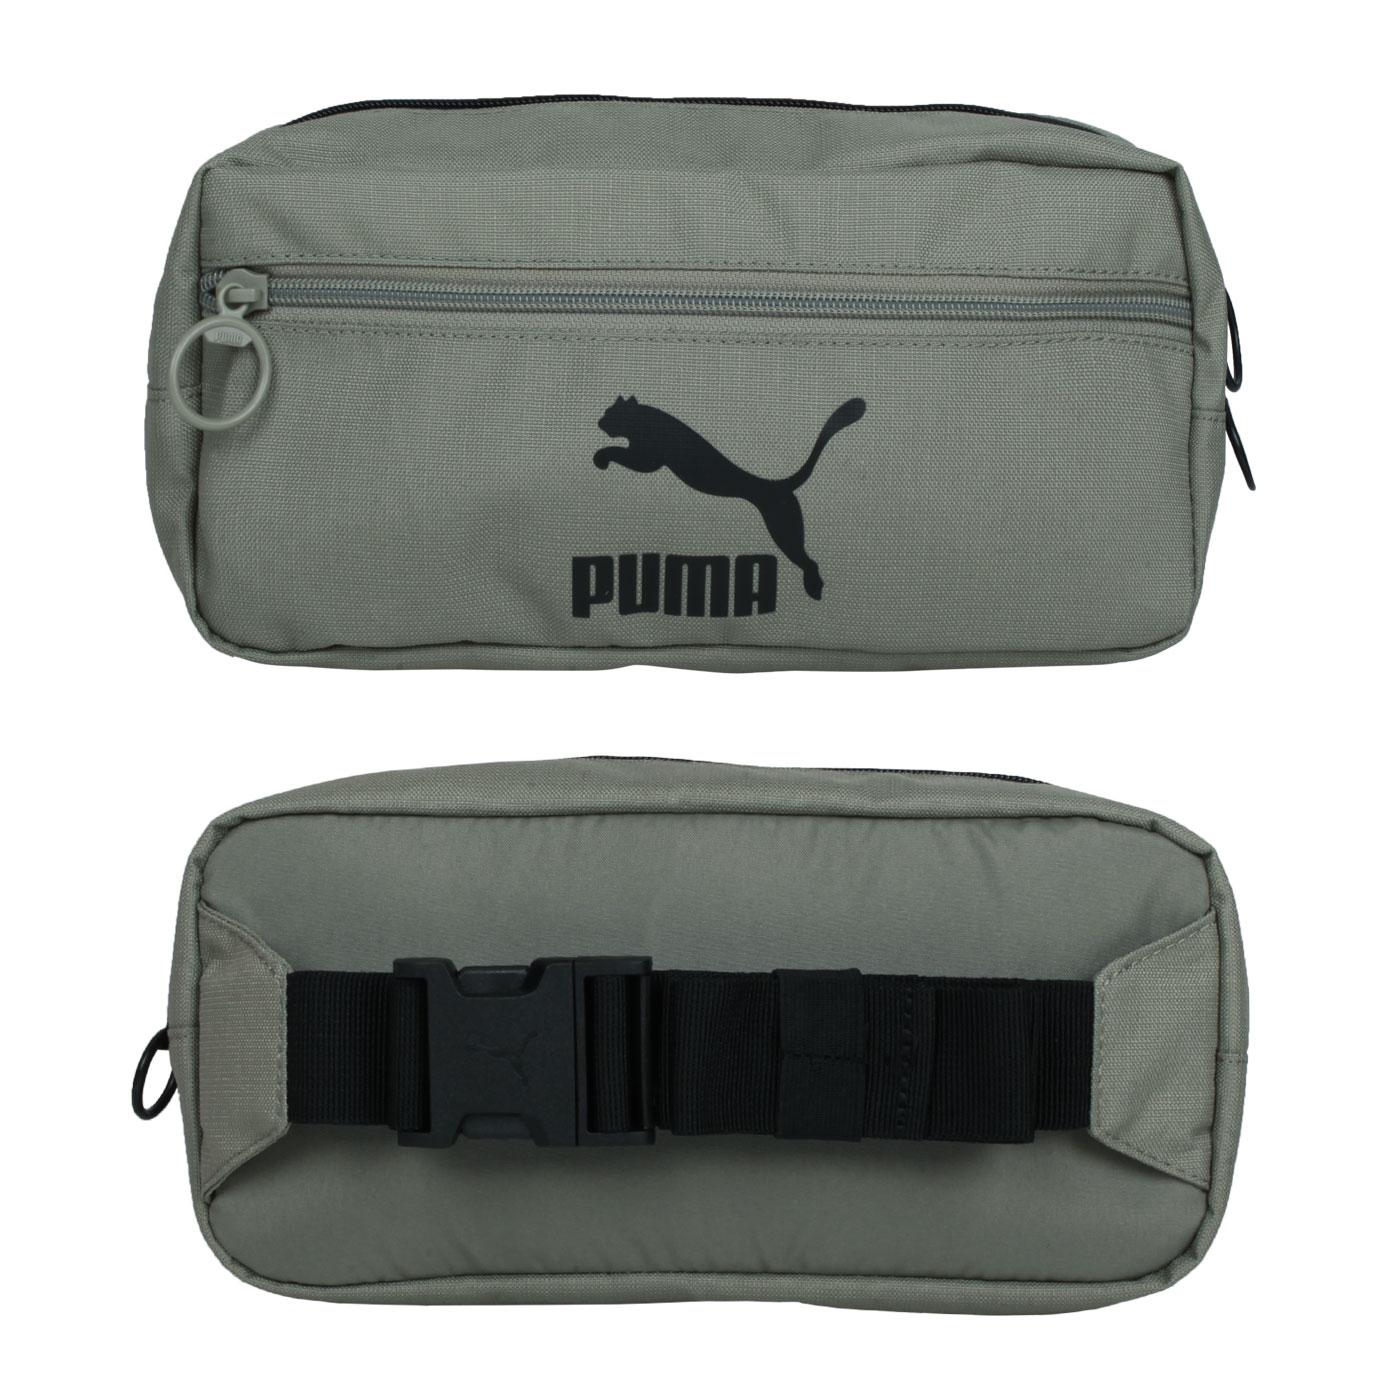 PUMA 中型腰包 07800603 - 綠黑